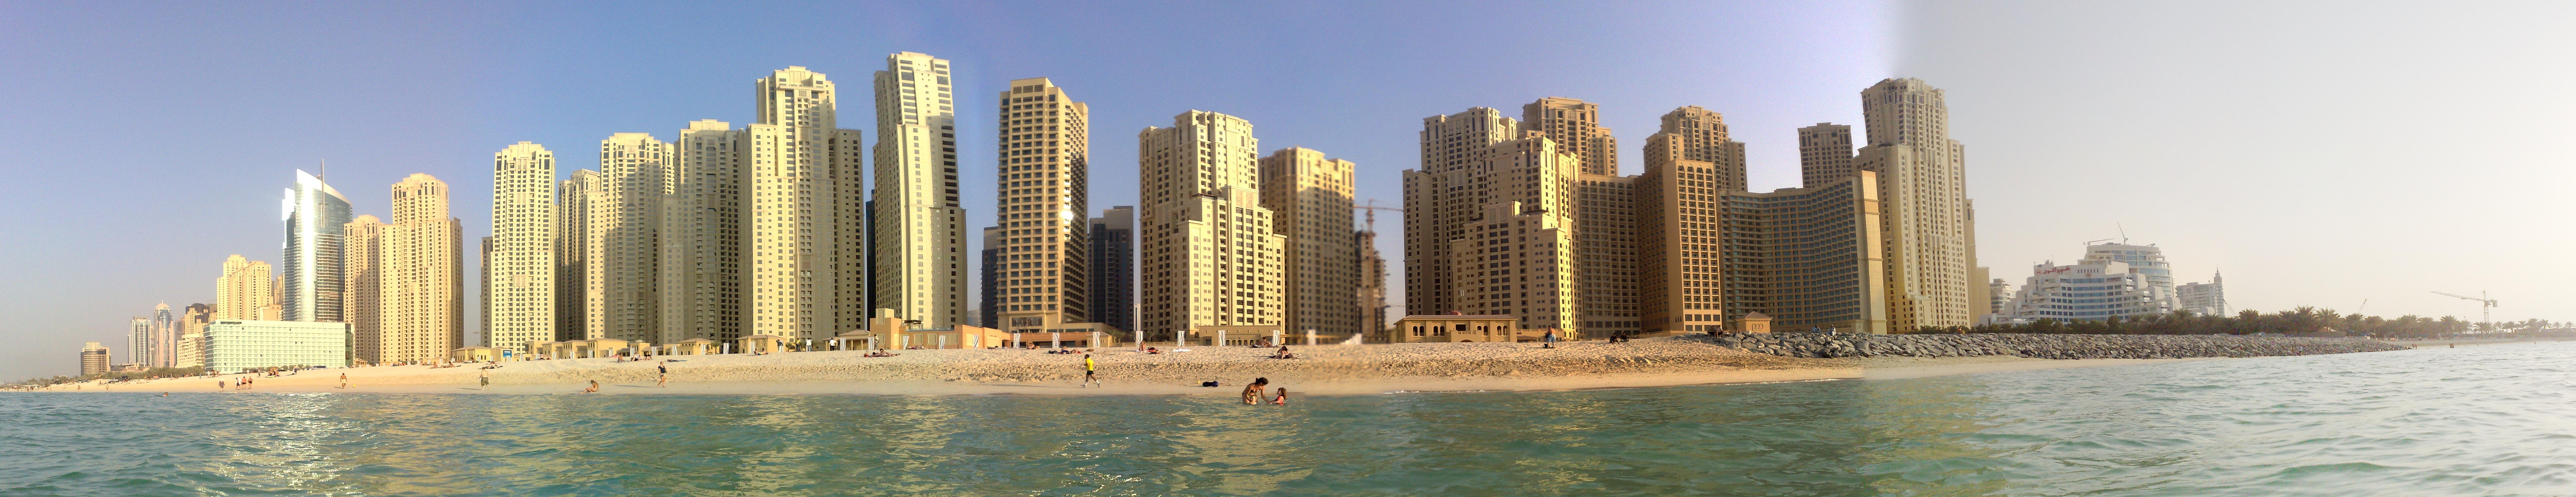 List Of Tourist Attractions In Dubai Wiki Everipedia